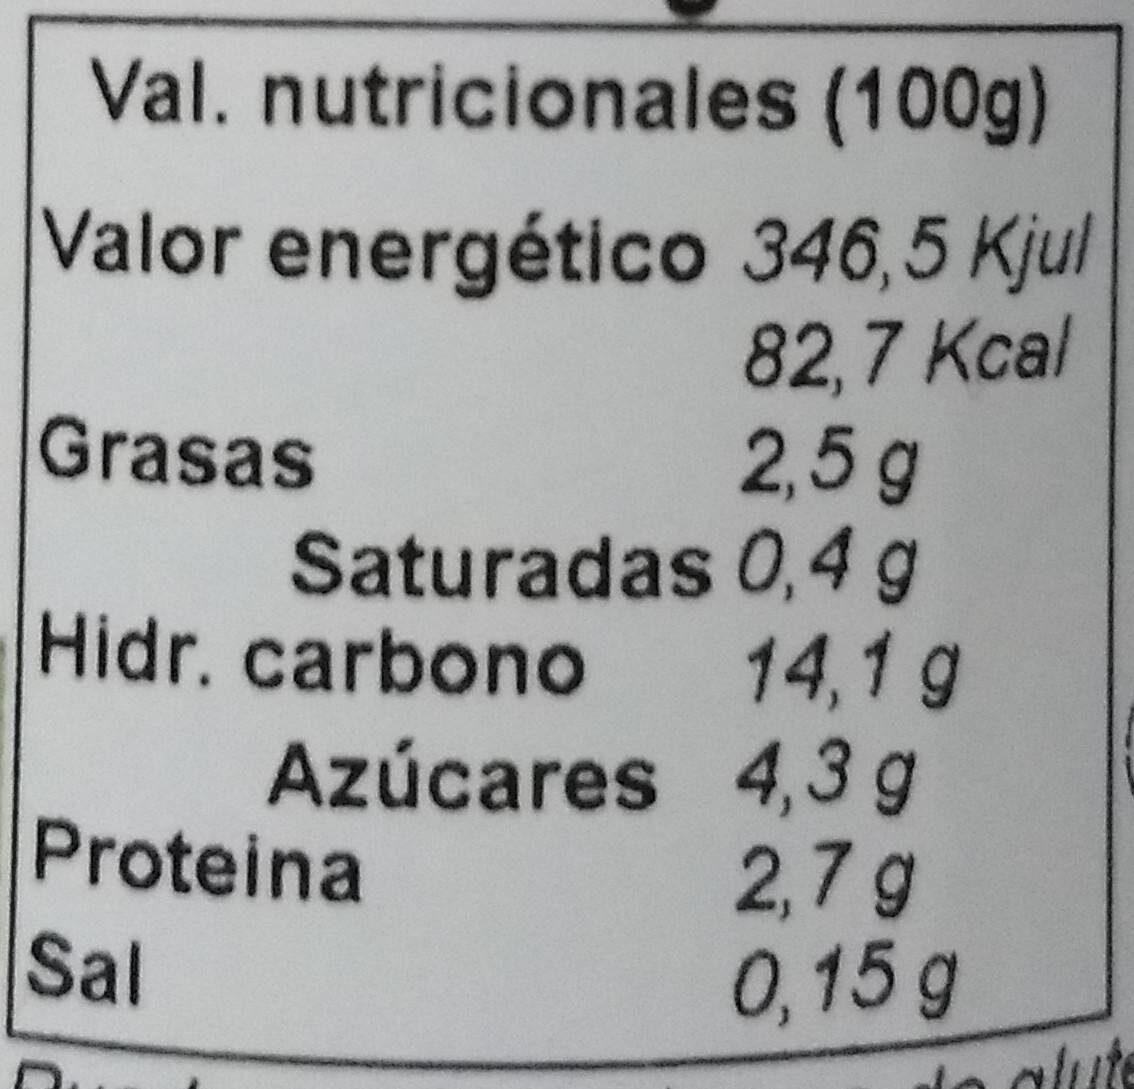 Paté de tomate - Nutrition facts - es